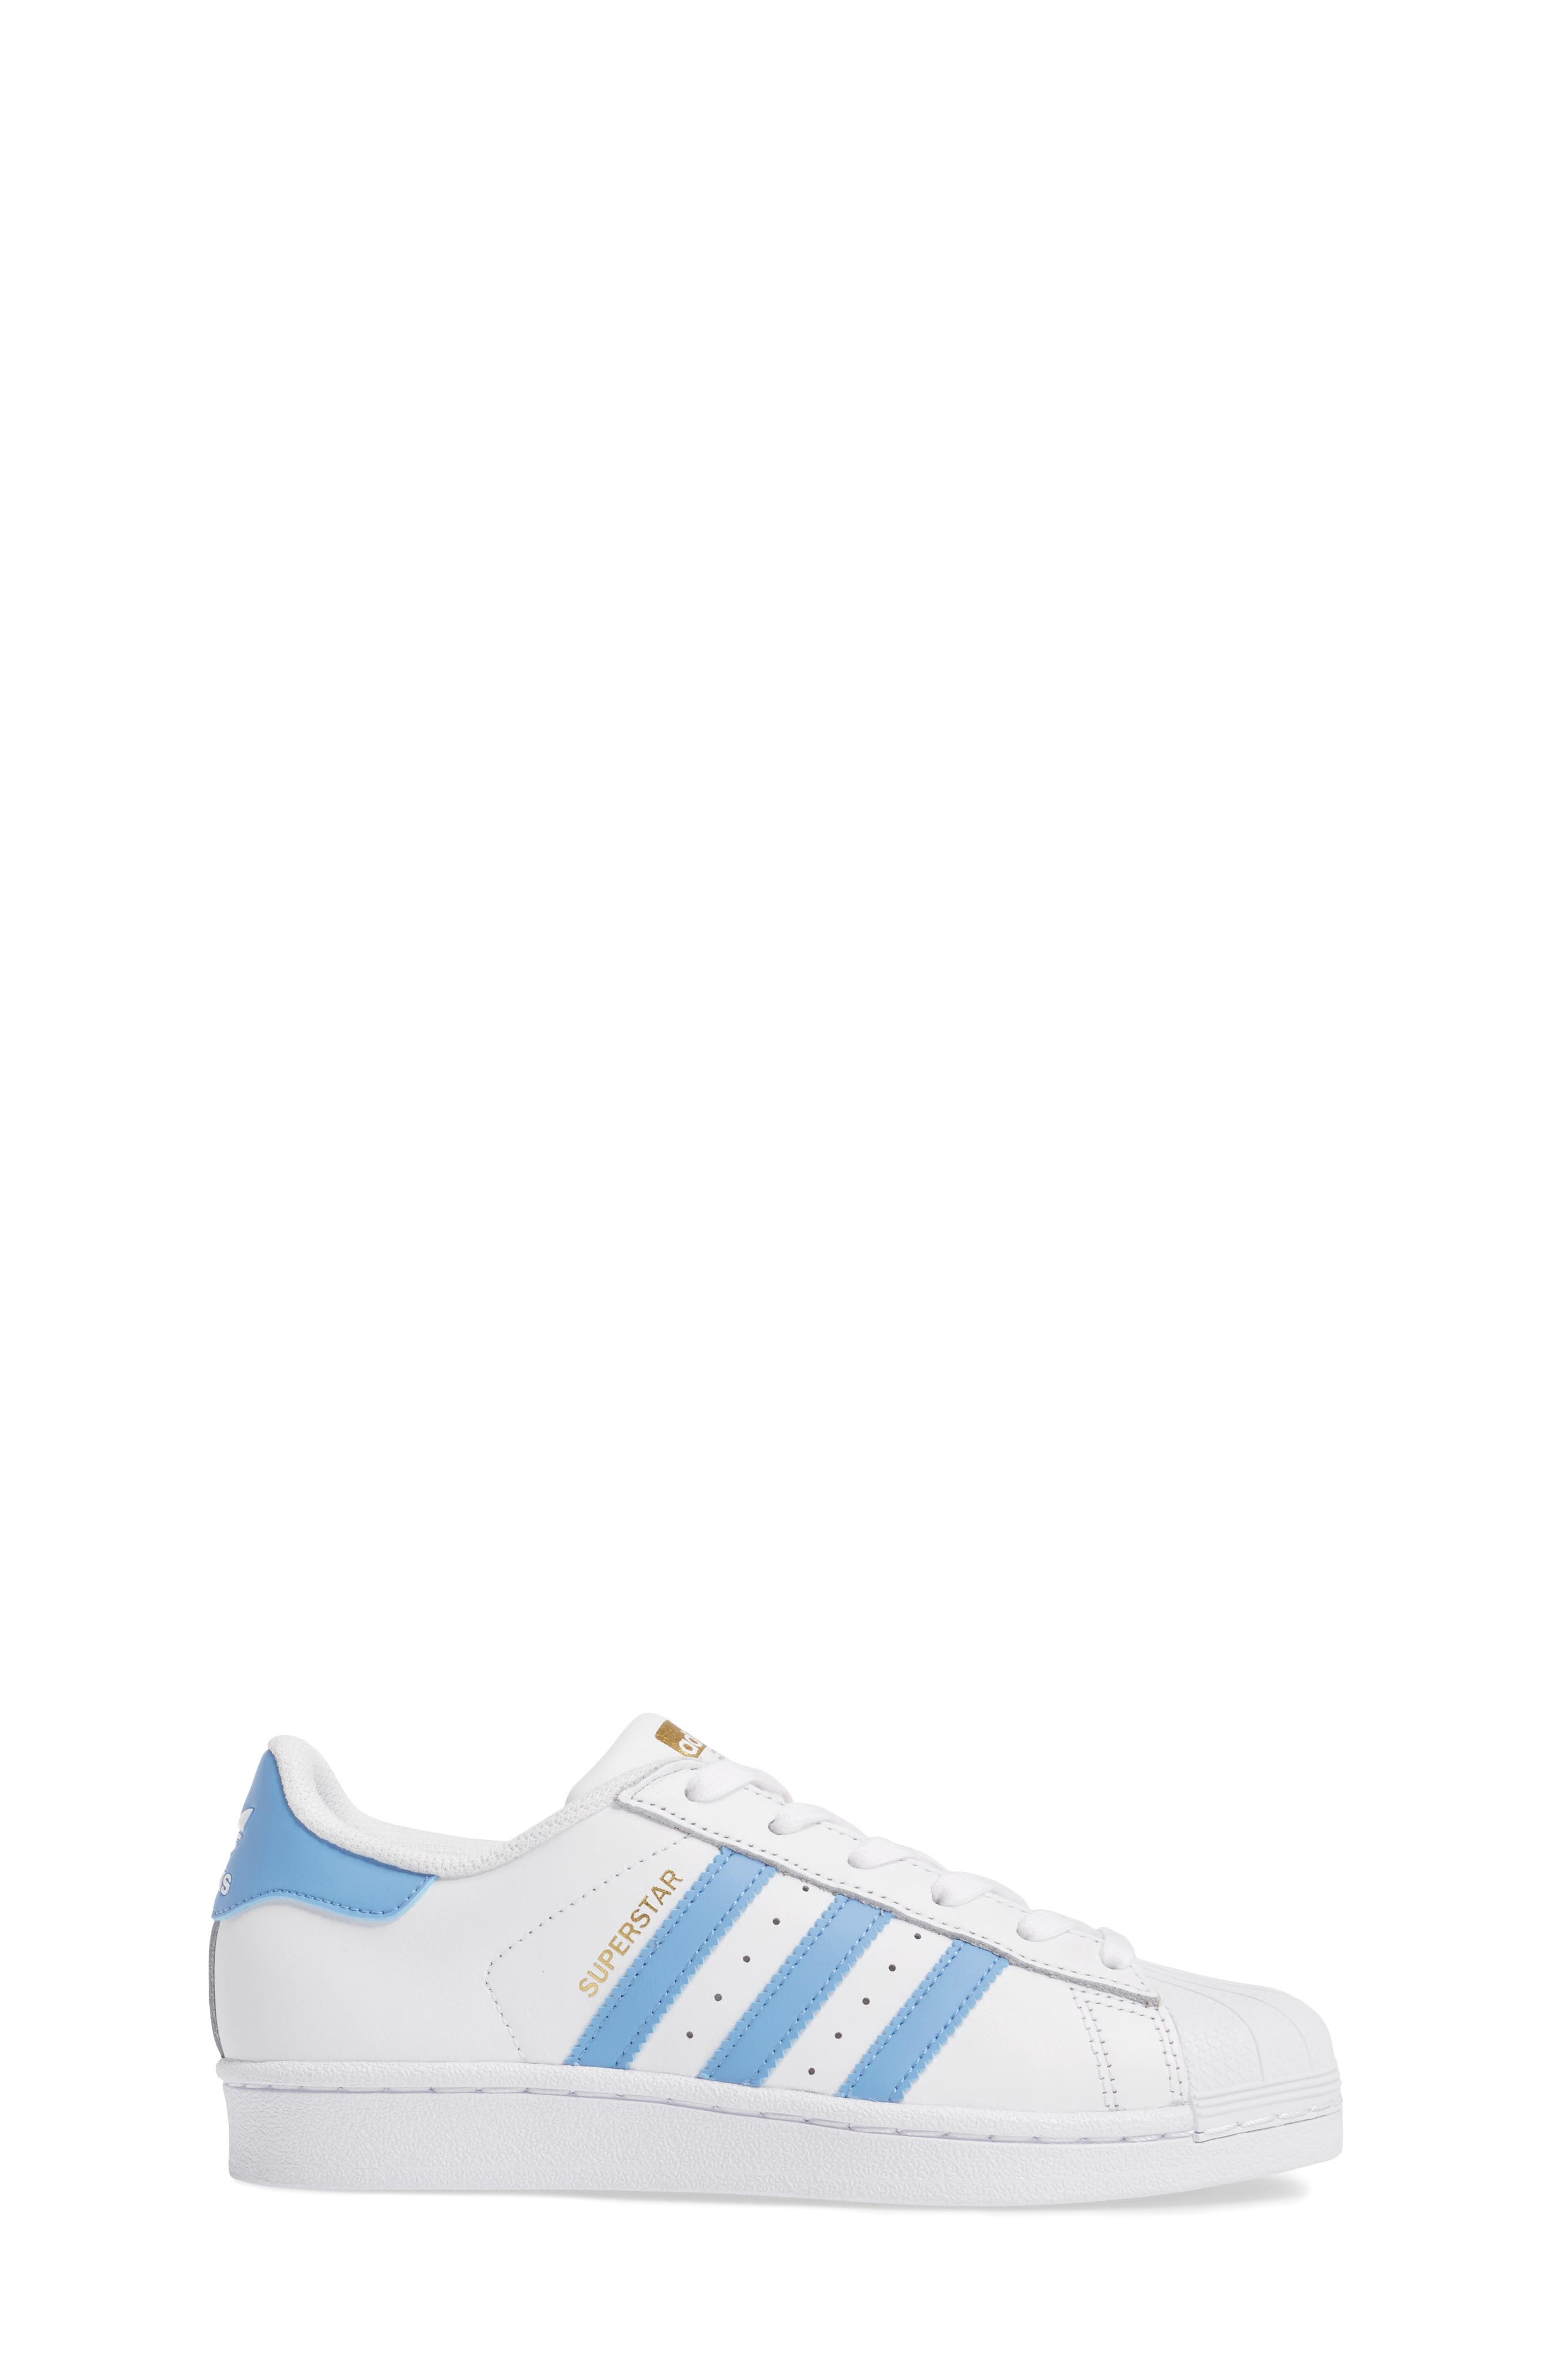 Superstar Foundation Sneaker,                             Alternate thumbnail 3, color,                             White/ Light Blue/ Gold